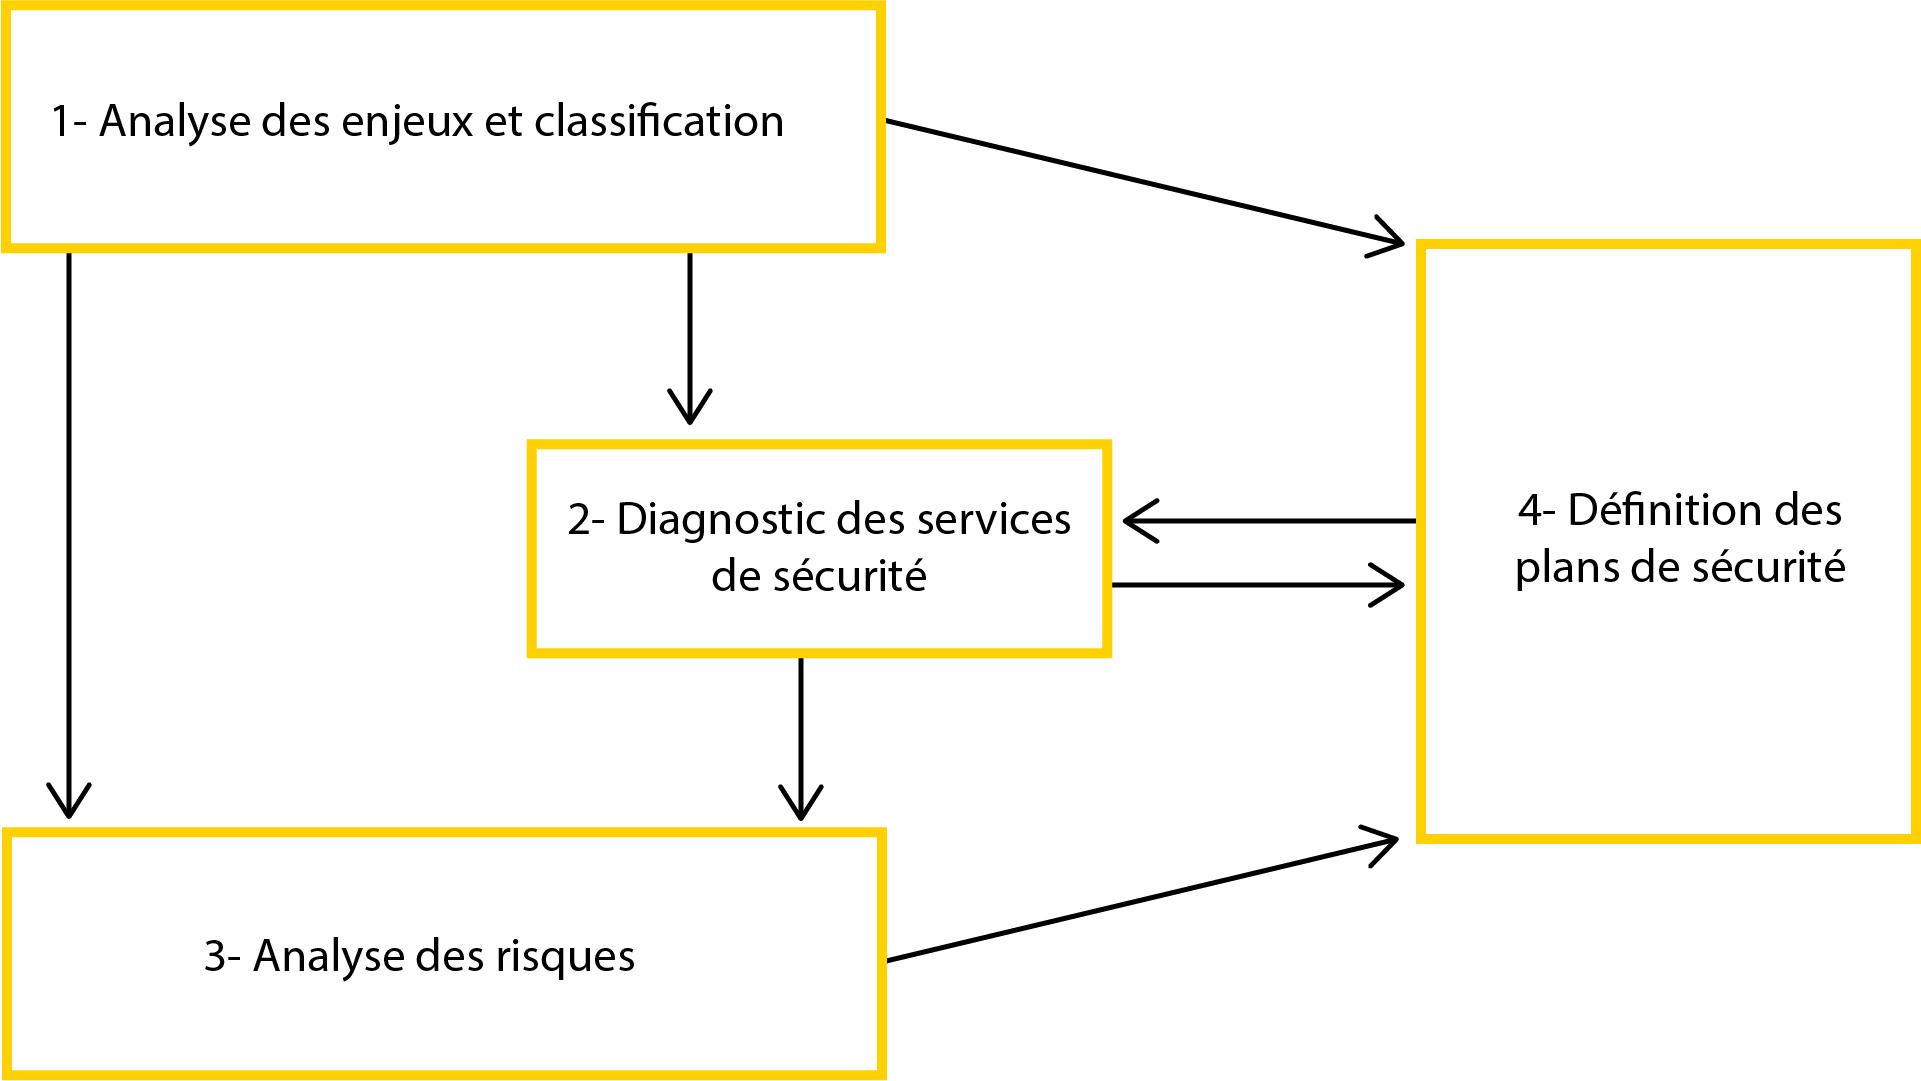 Phase 1 analyse des enjeux et classification  Phase 2 diagnostic des services de sécurité Phase 3 analyse de risques  Phase 4 définition des plans de sécurité